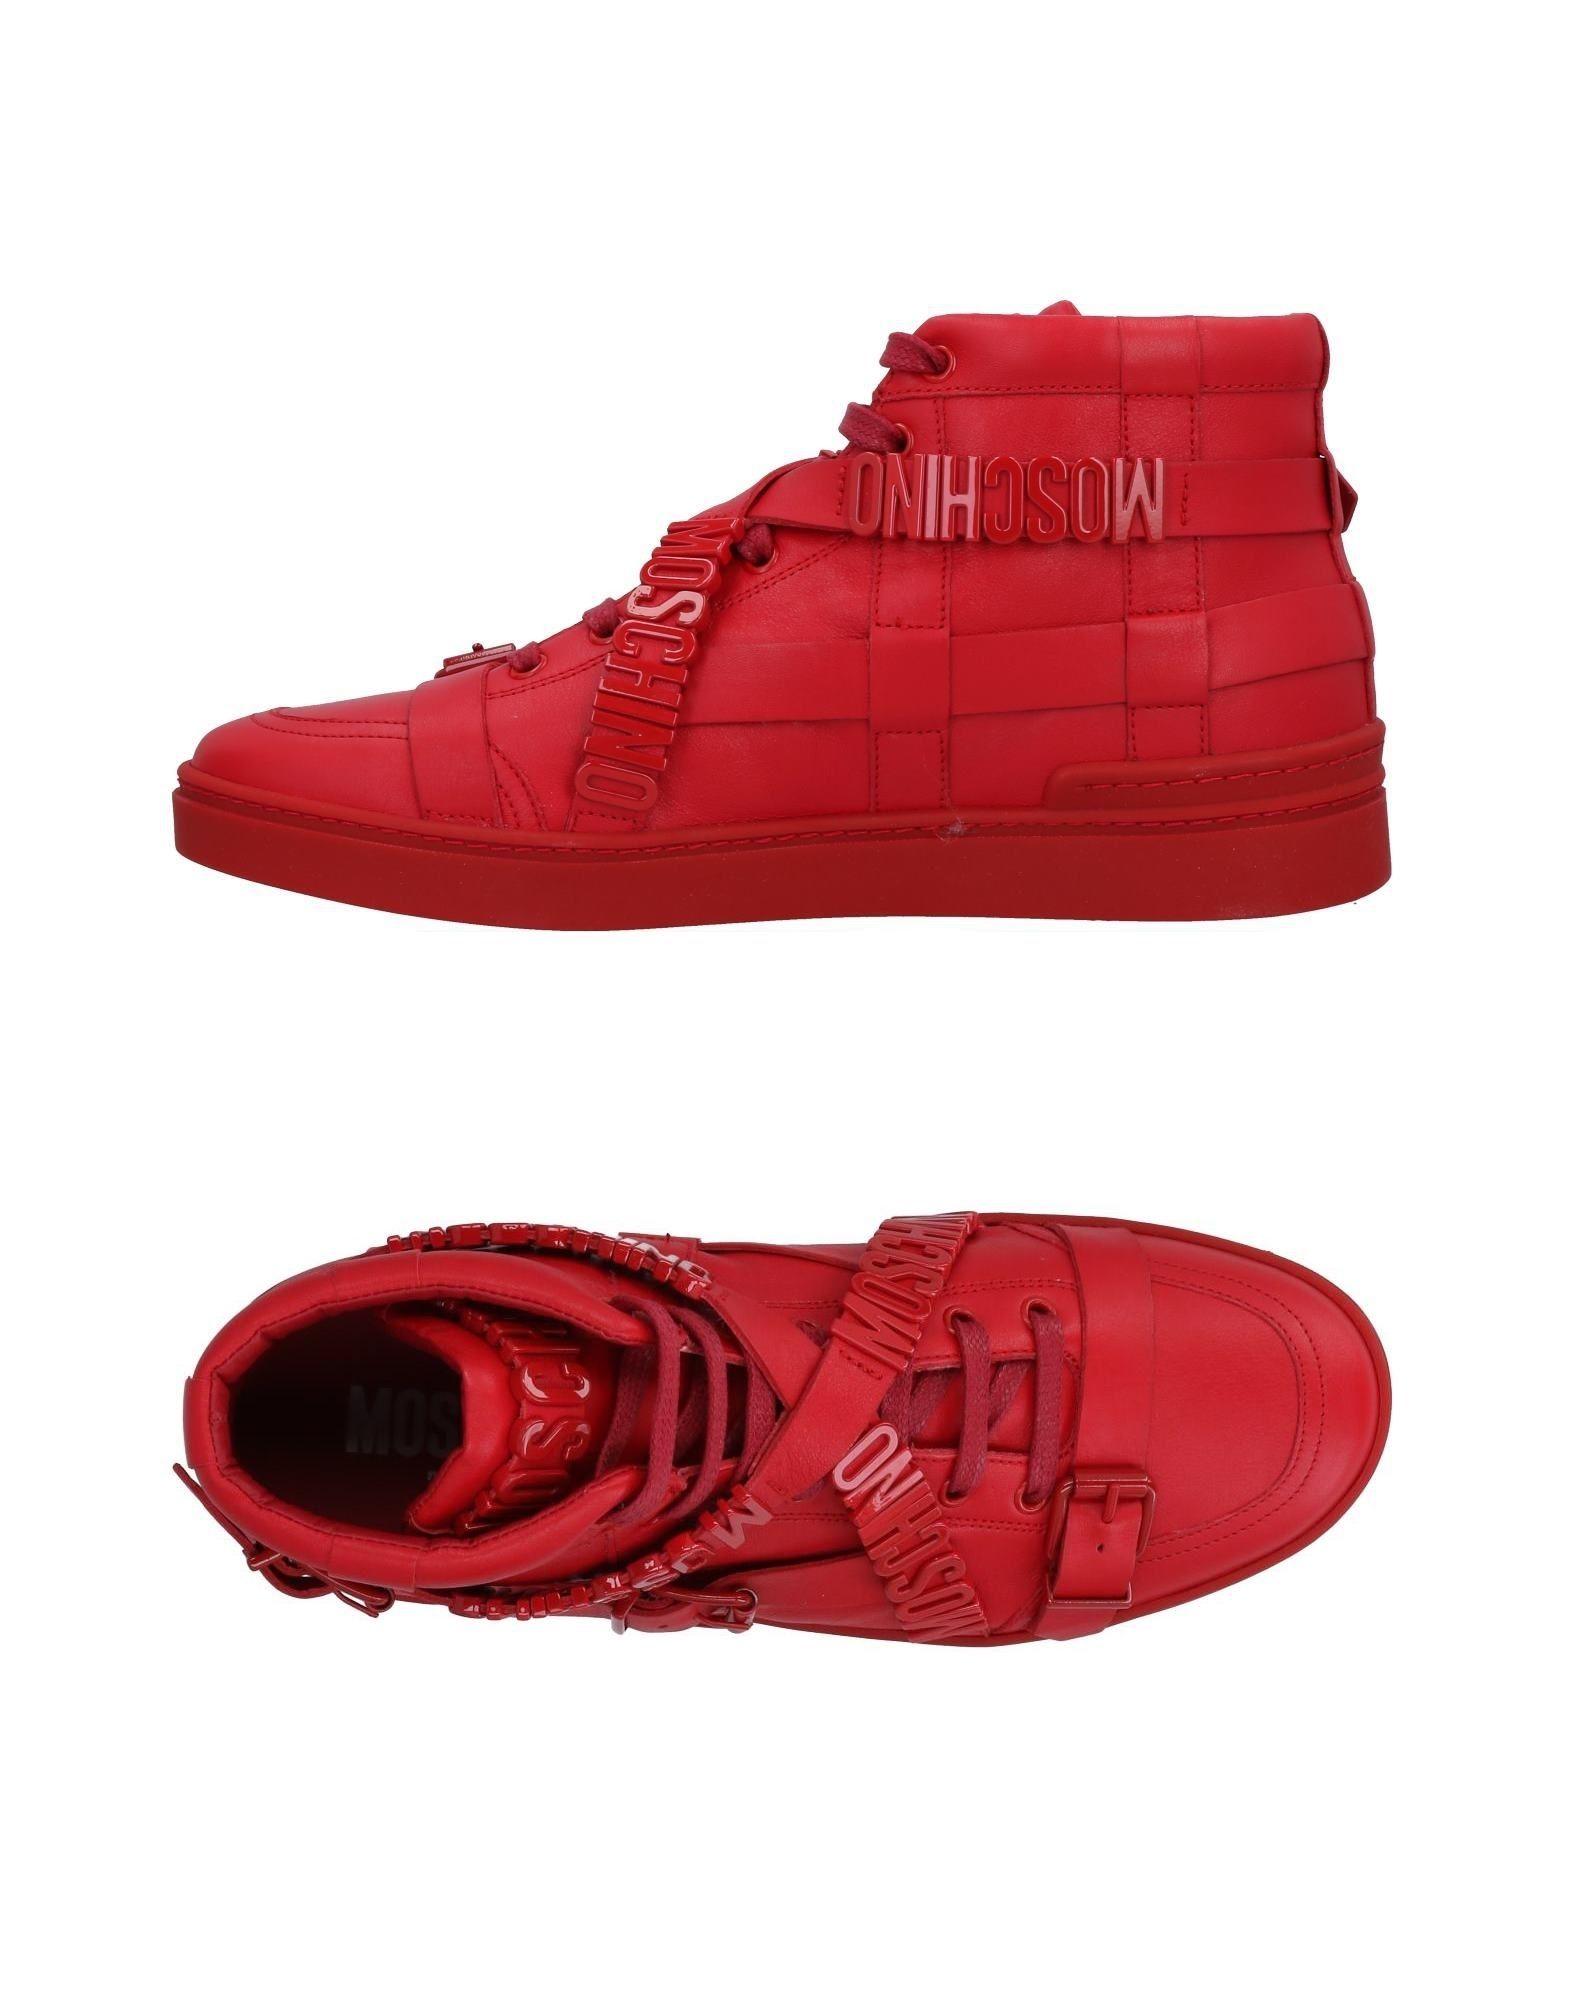 Moschino Sneakers Herren beliebte  11490557WI Gute Qualität beliebte Herren Schuhe 412c49